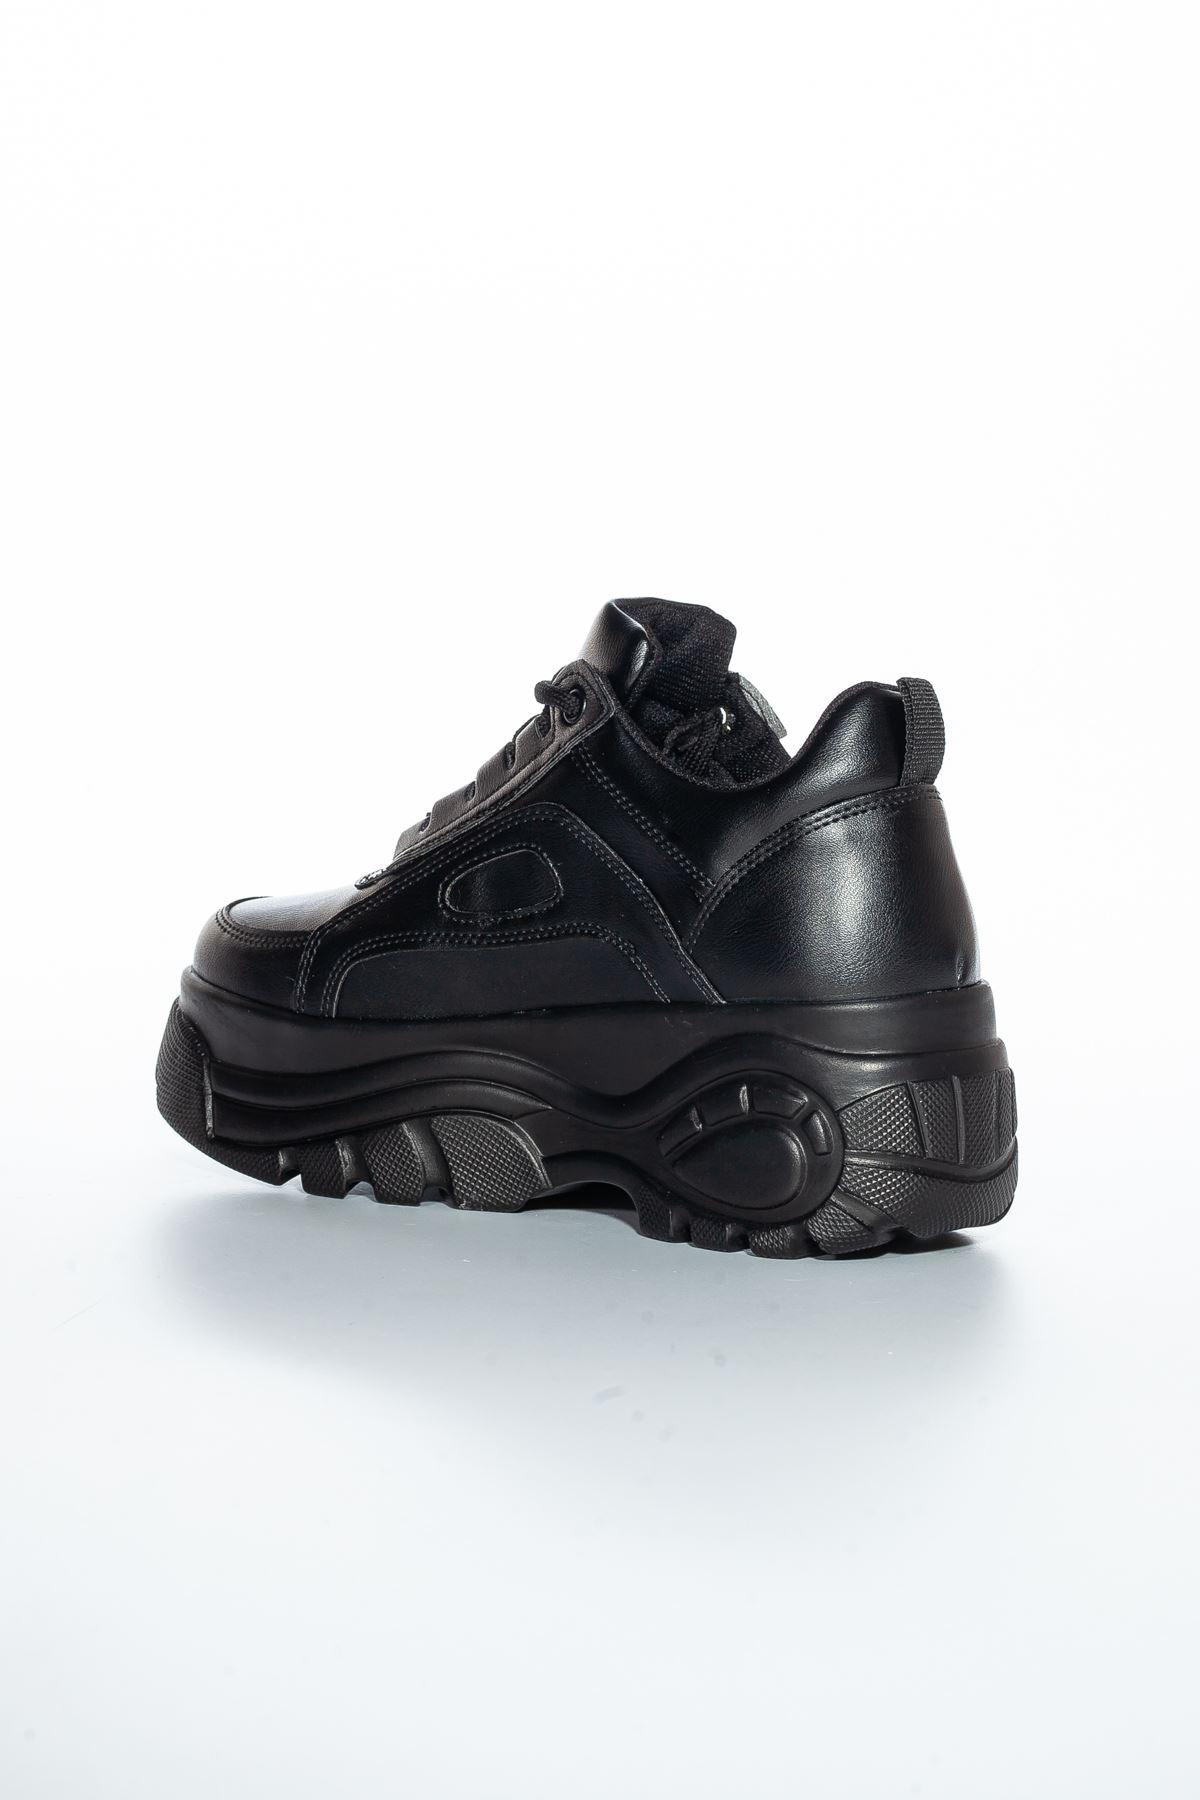 Ryan Yüksek Topuk Cilt Spor Ayakkabı Siyah